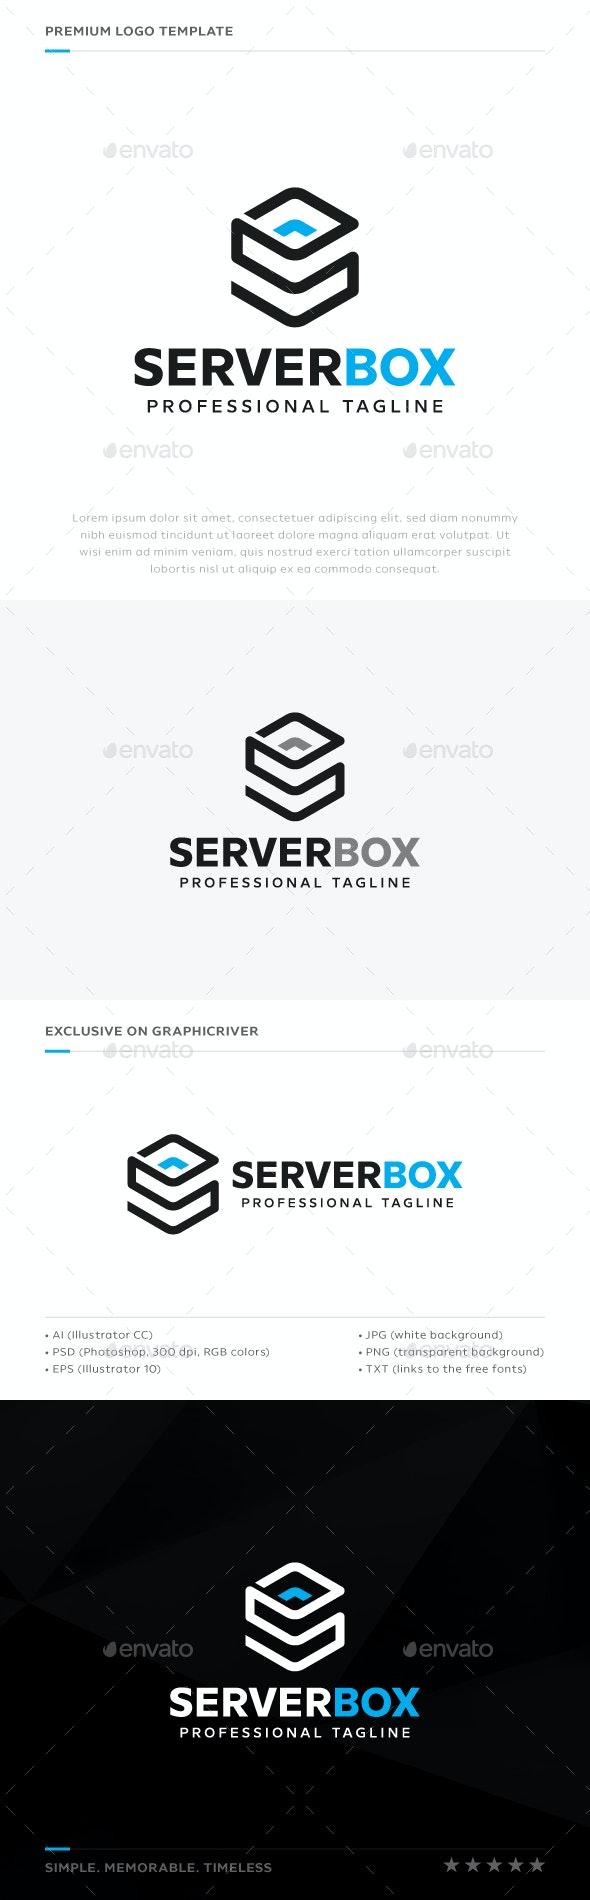 Server Box Logo - Abstract Logo Templates